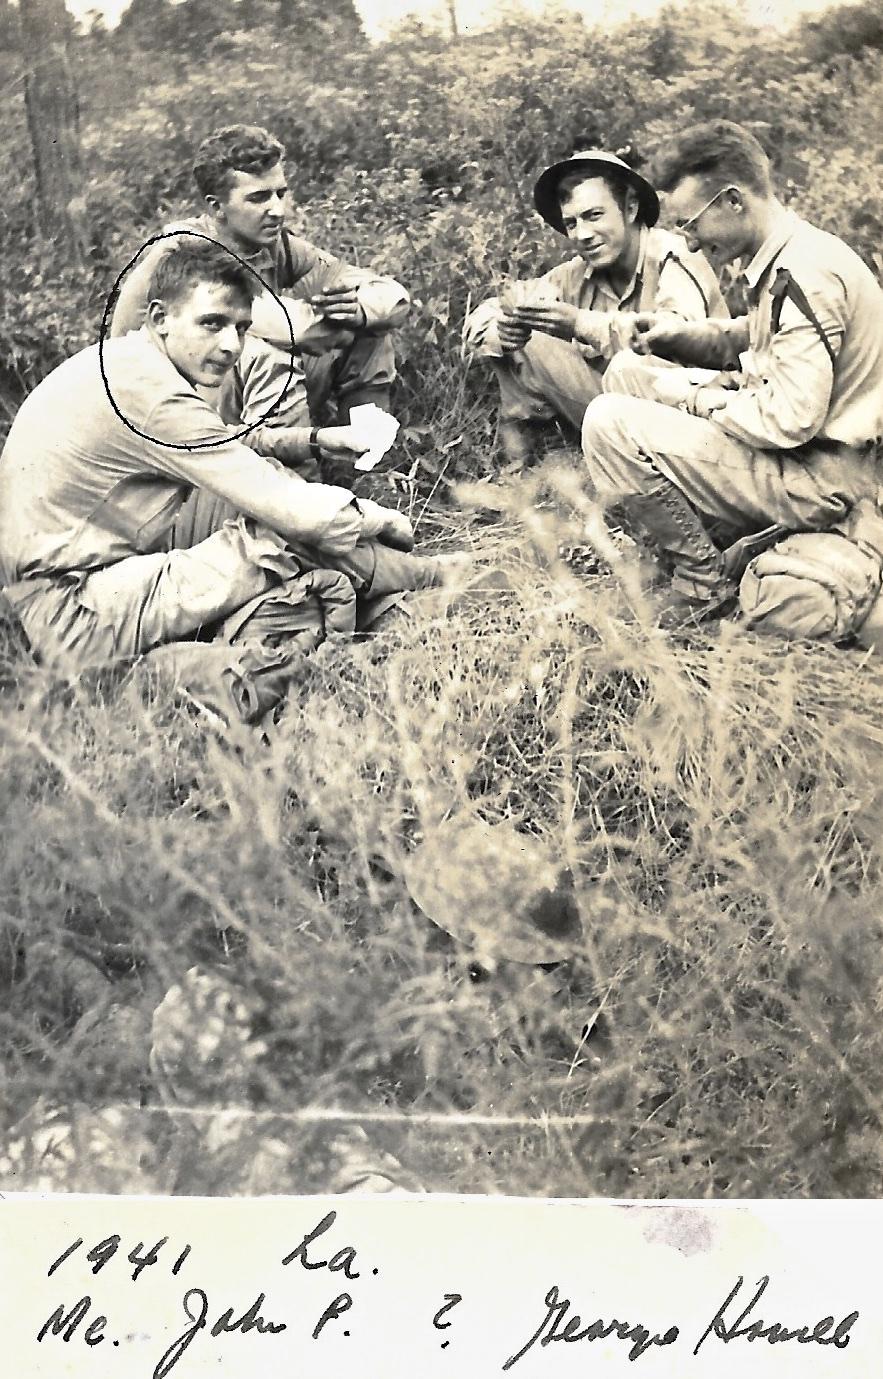 1941 WWII Ernie Faulkner, John Pope, George Howell, Louisiana Ma